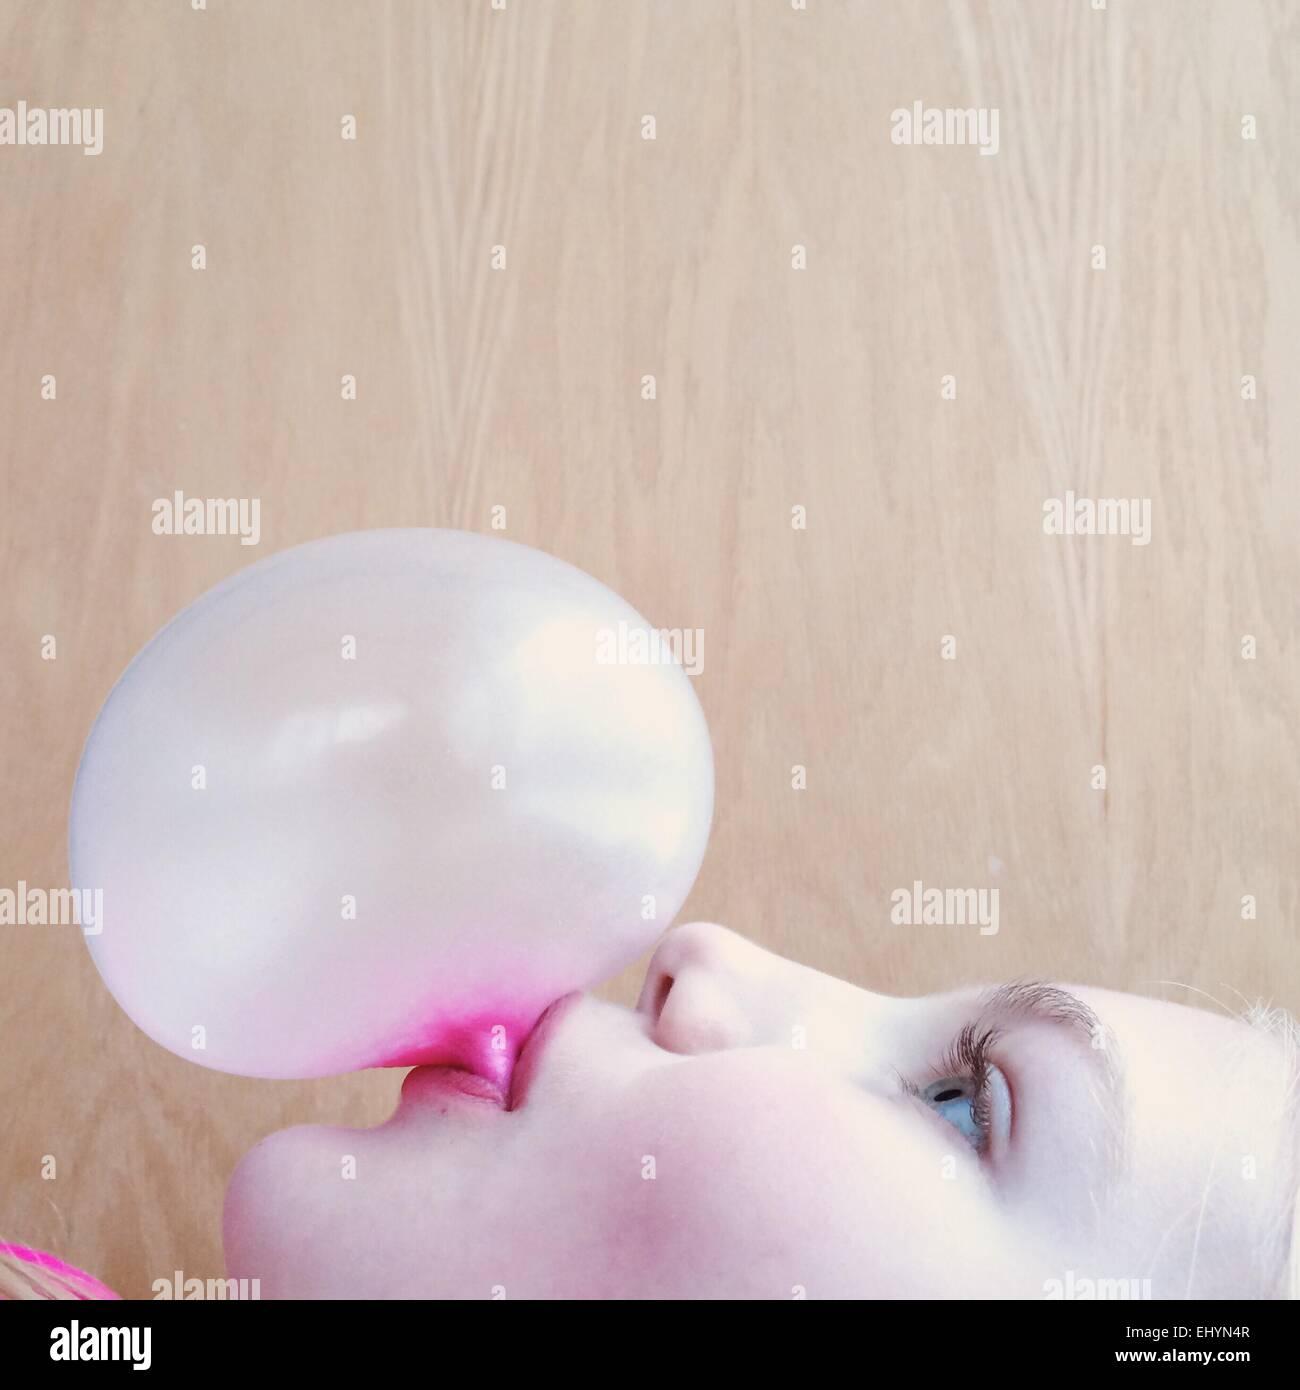 Retrato de una niña soplando una burbuja de chicle Imagen De Stock